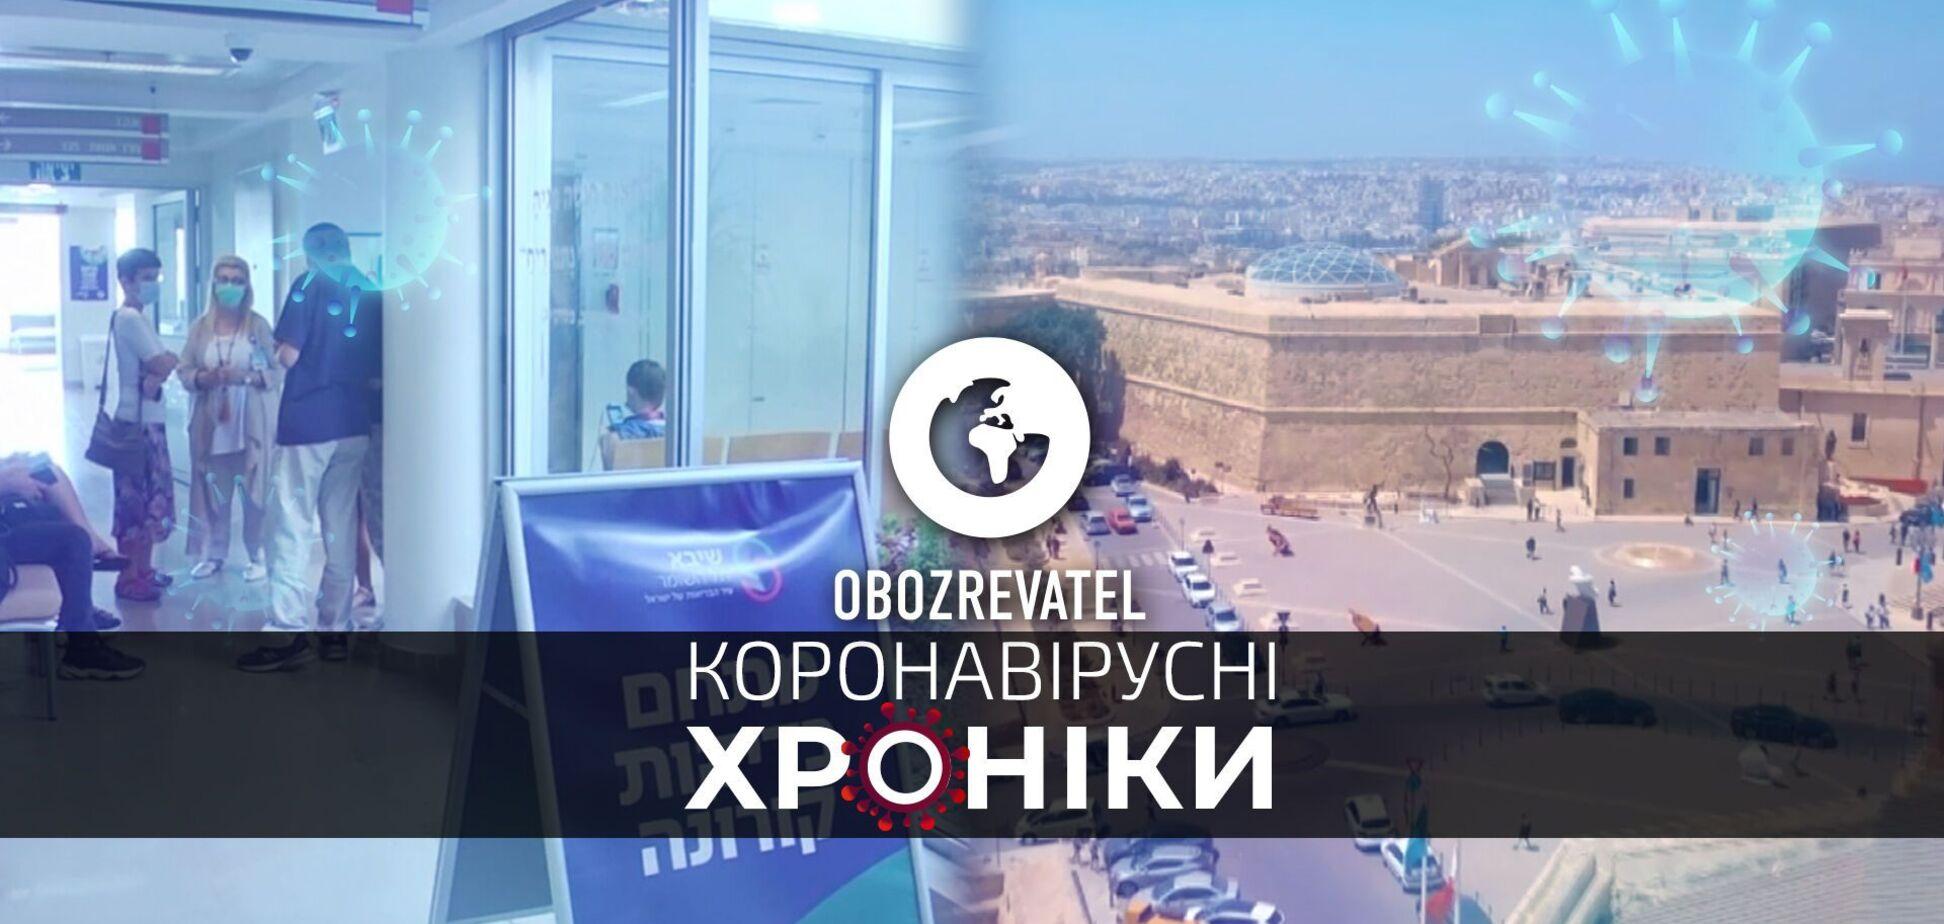 Новый максимум смертей от ковида в России, а Израиль готовится вакцинировать граждан третьей дозой Pfizer – коронавирусные хроники